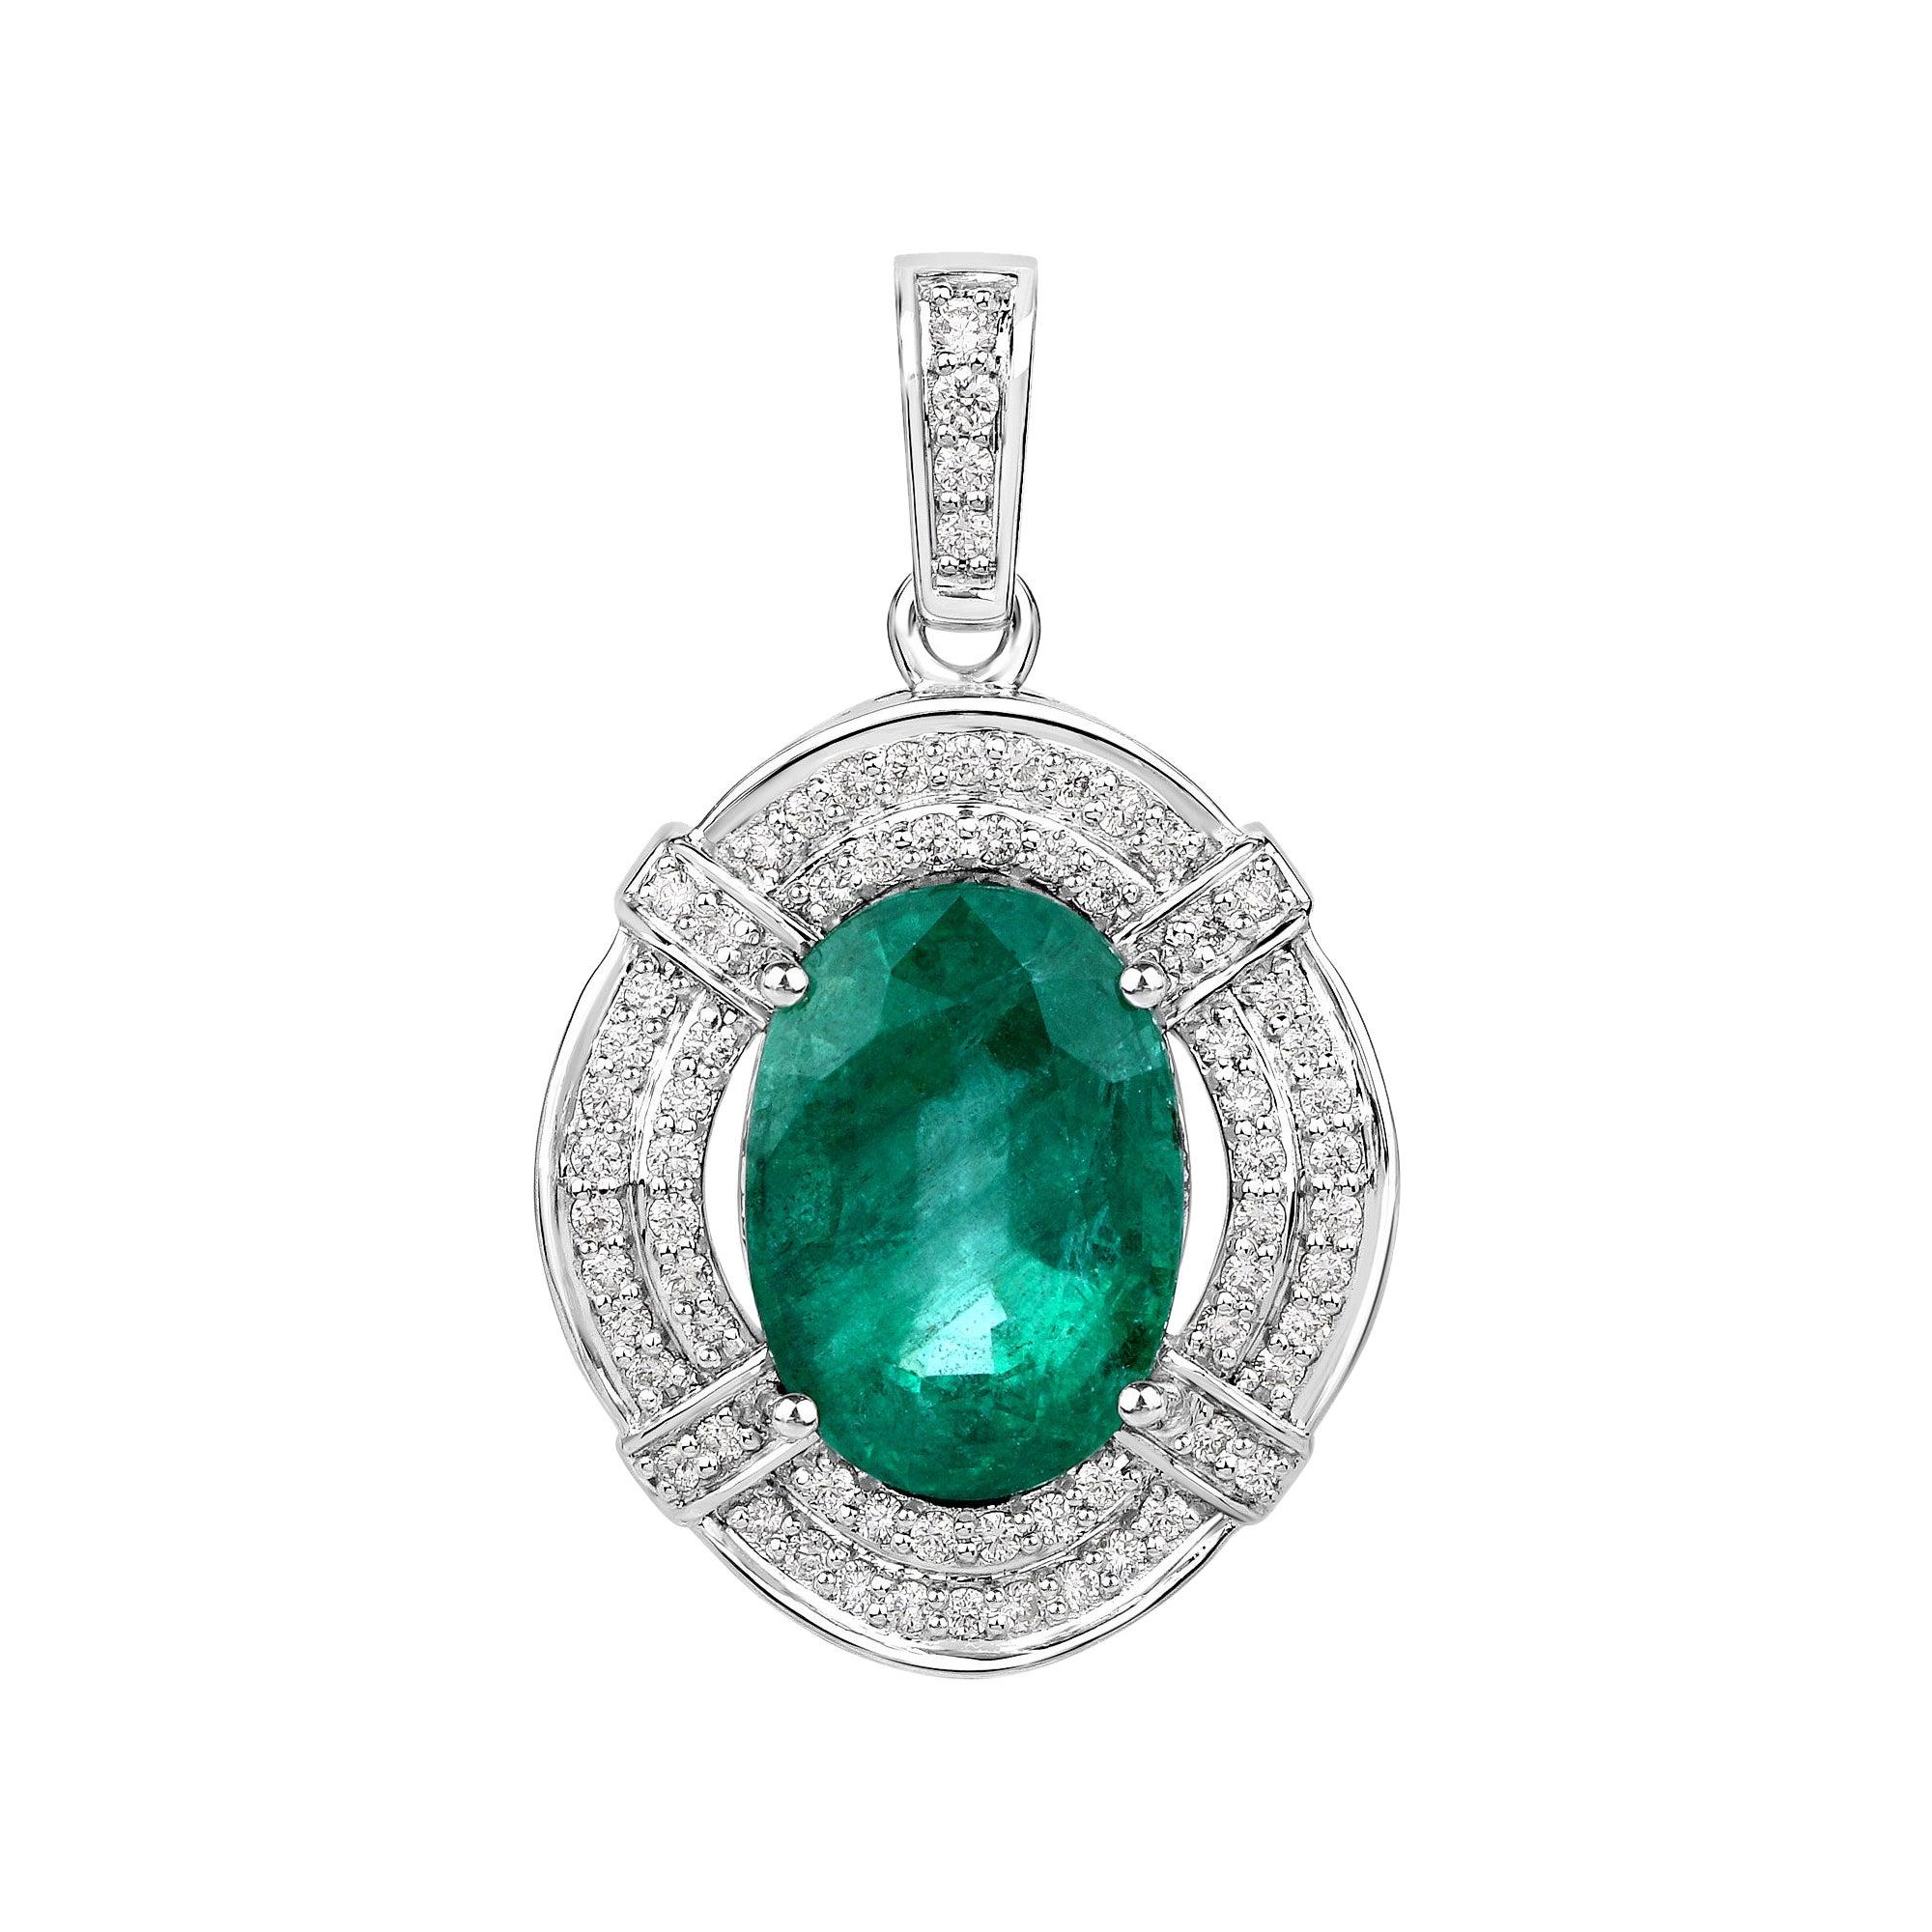 7.15 Carat Zambian Emerald and White Diamond 18 Karat White Gold Pendant